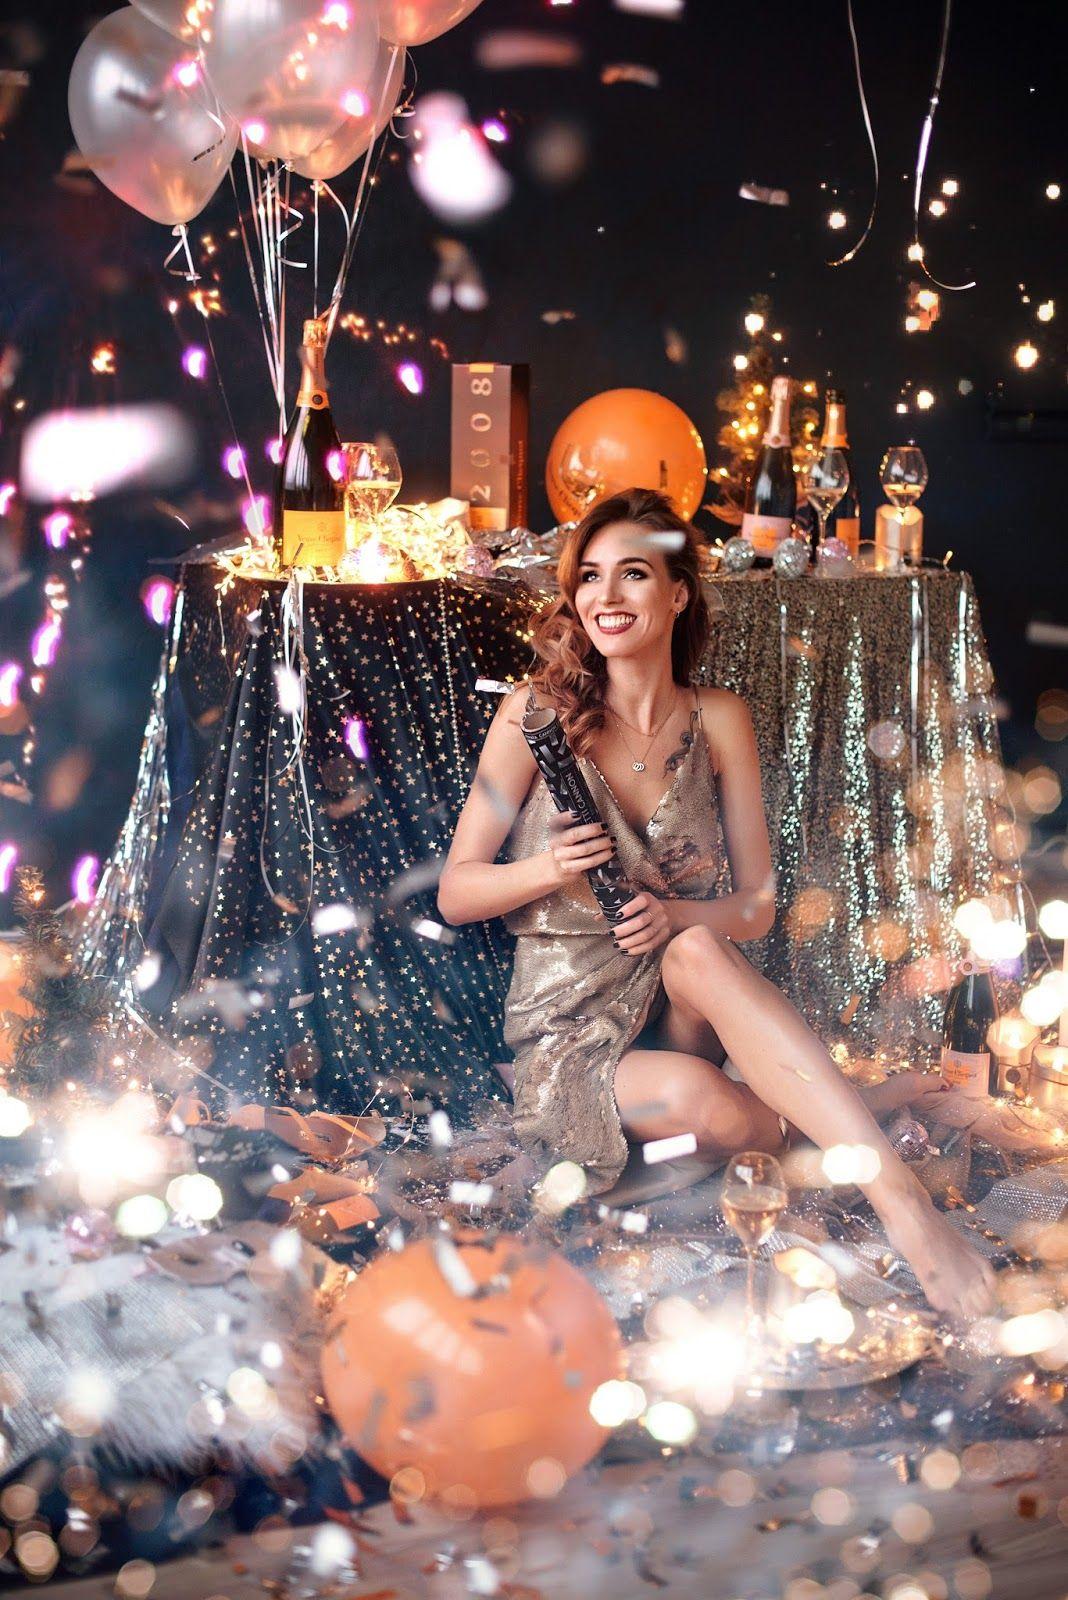 veuve clicquot champagne party celebration photography | Birthday party  photography, Birthday photoshoot, 21st birthday photoshoot